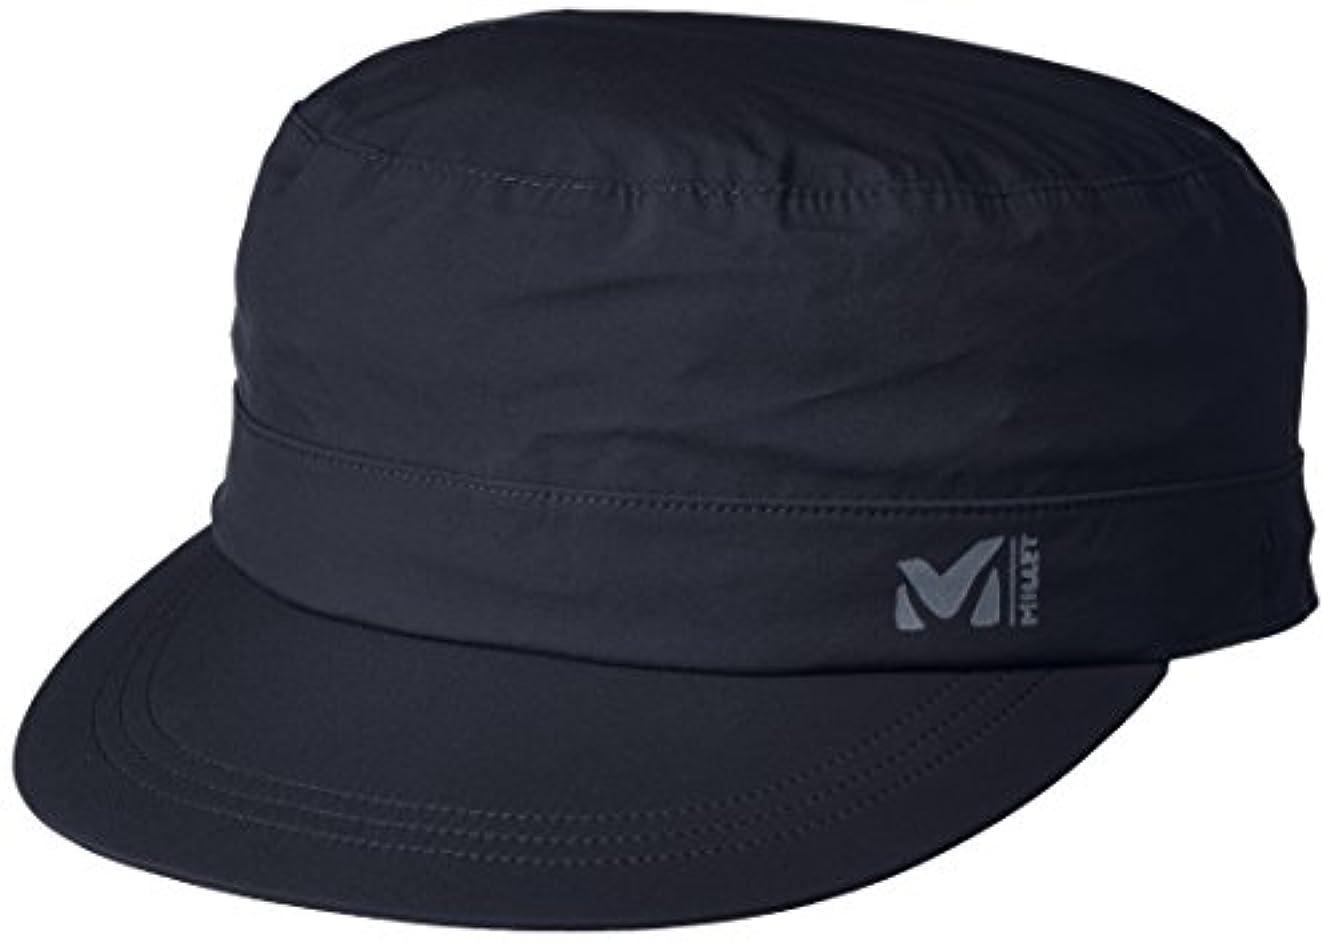 喜劇最も発音[ミレー] 登山用防水ワークキャップ TYPHON 50000 ST RAIN WORK CAP(ティフォン)